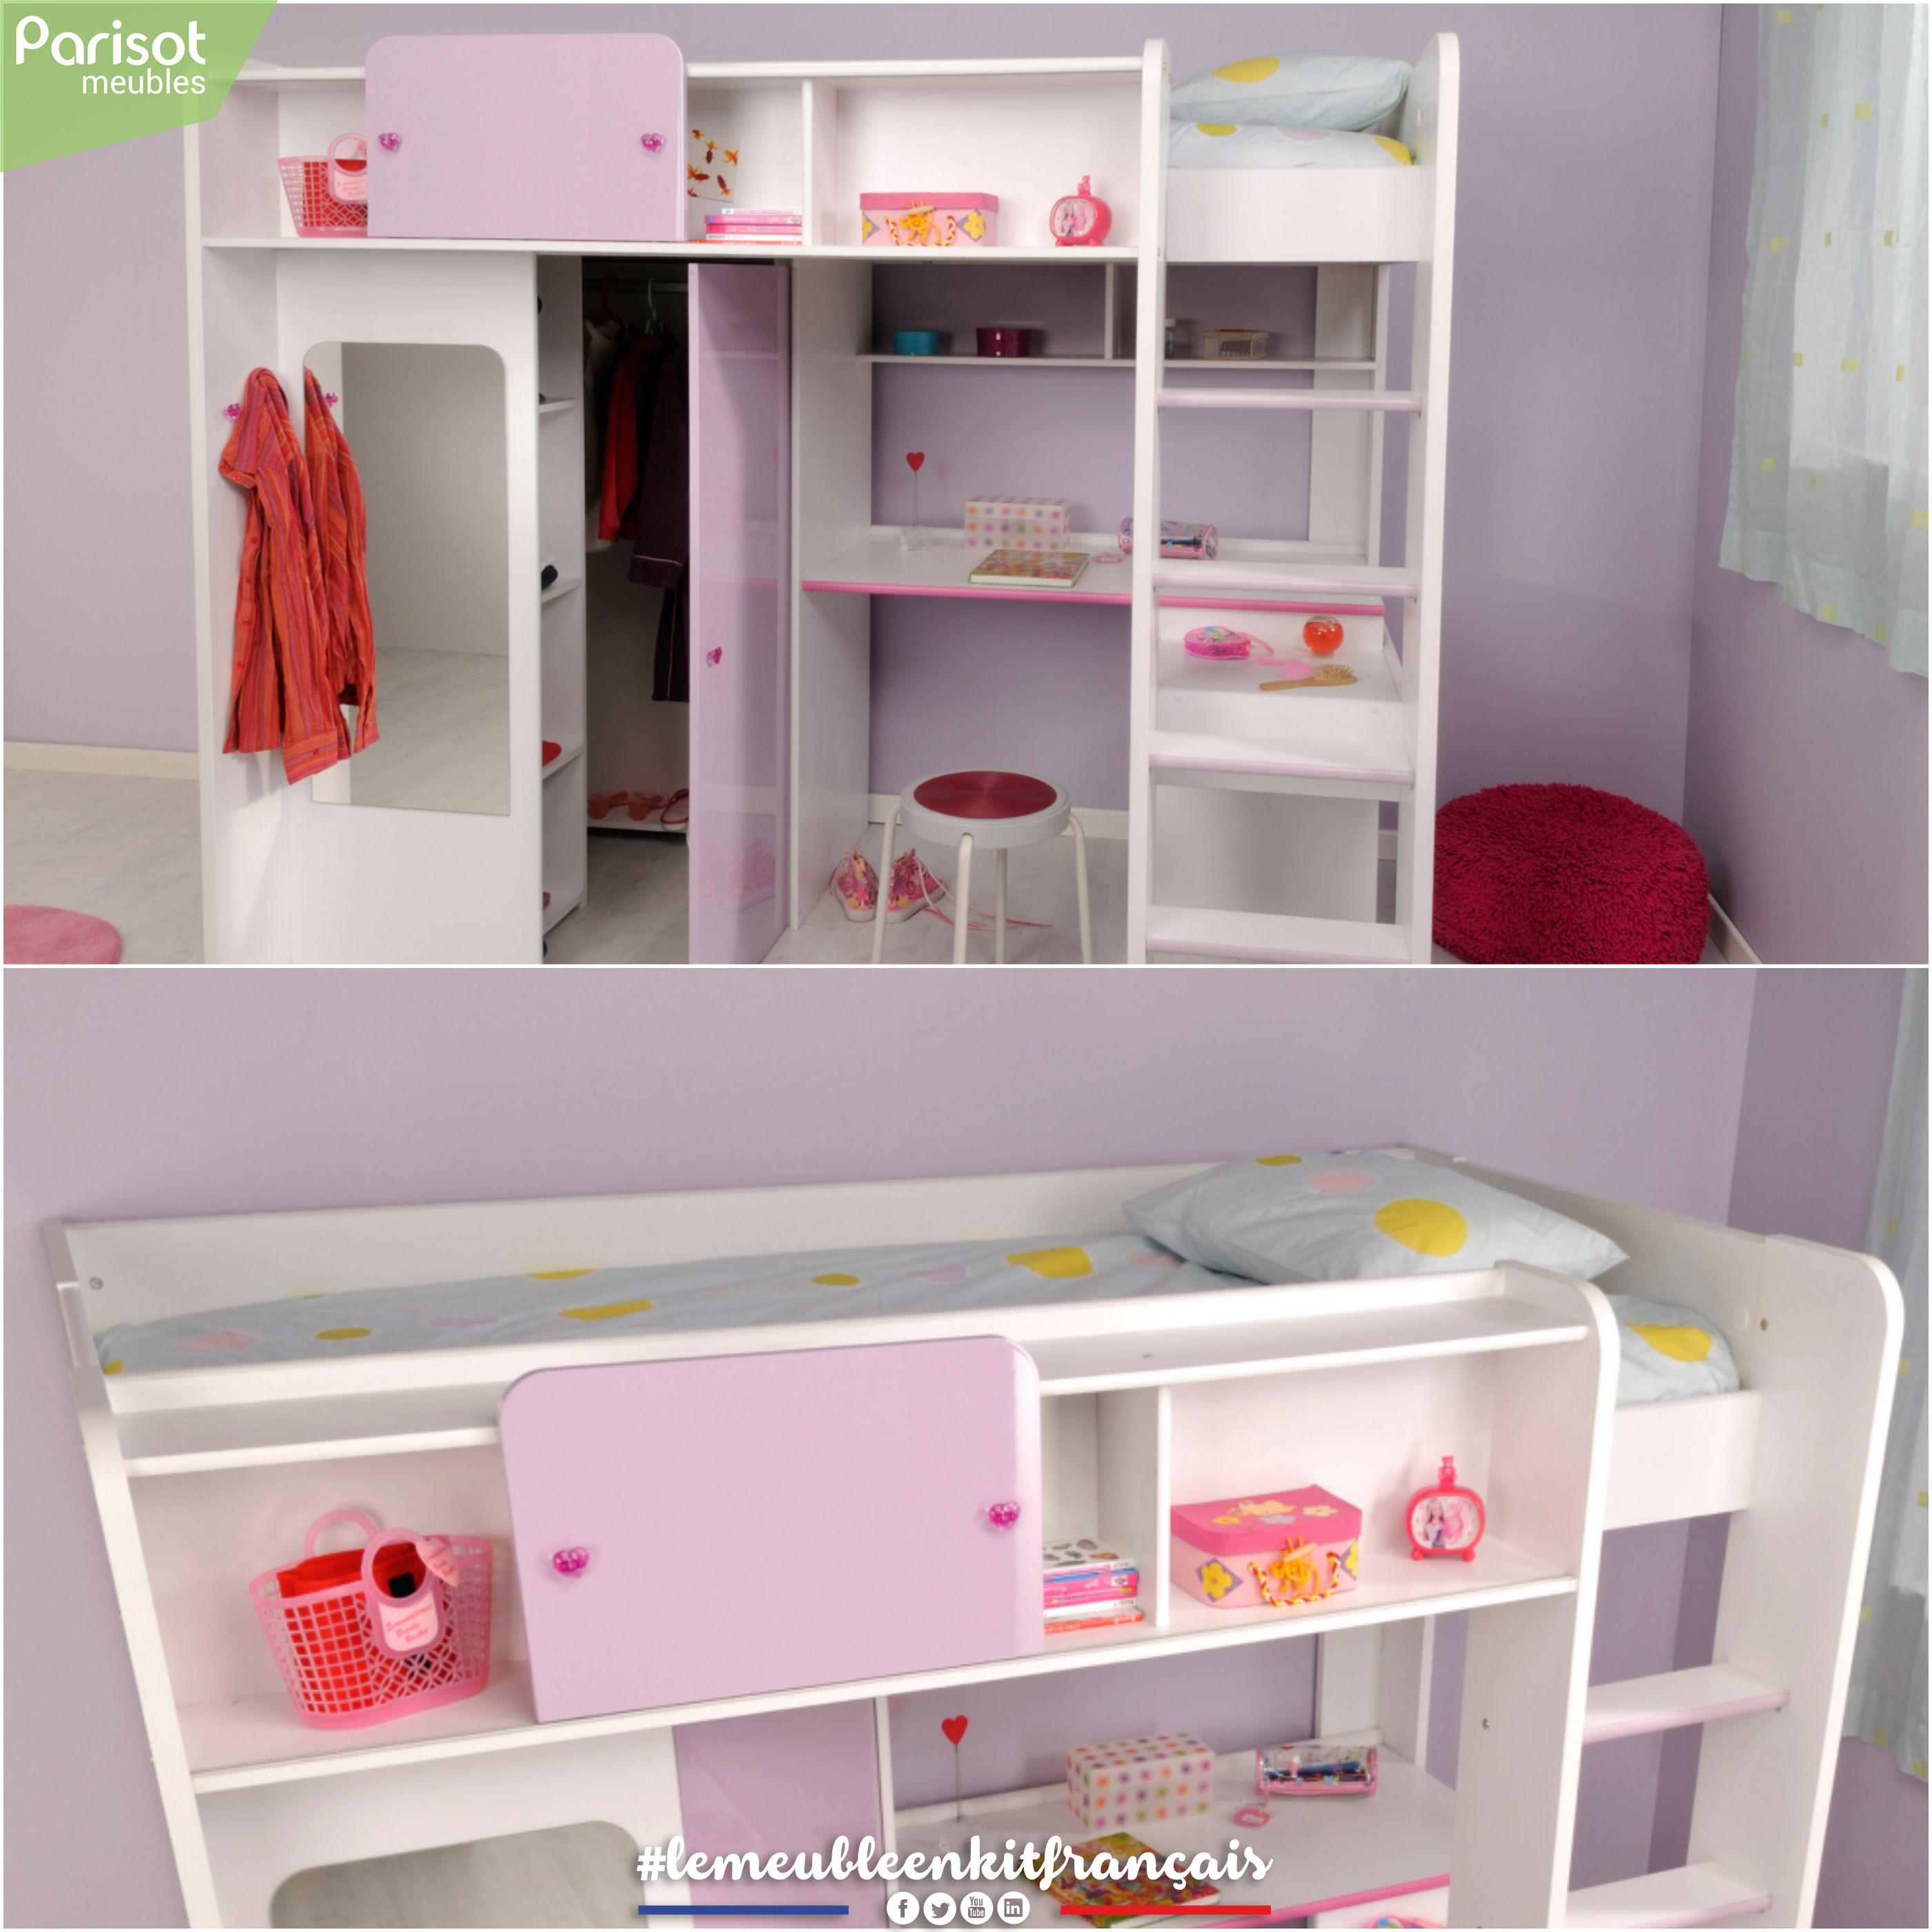 last meubles parisot simple ensemble lit chevet et armoire valentine with last meubles parisot. Black Bedroom Furniture Sets. Home Design Ideas